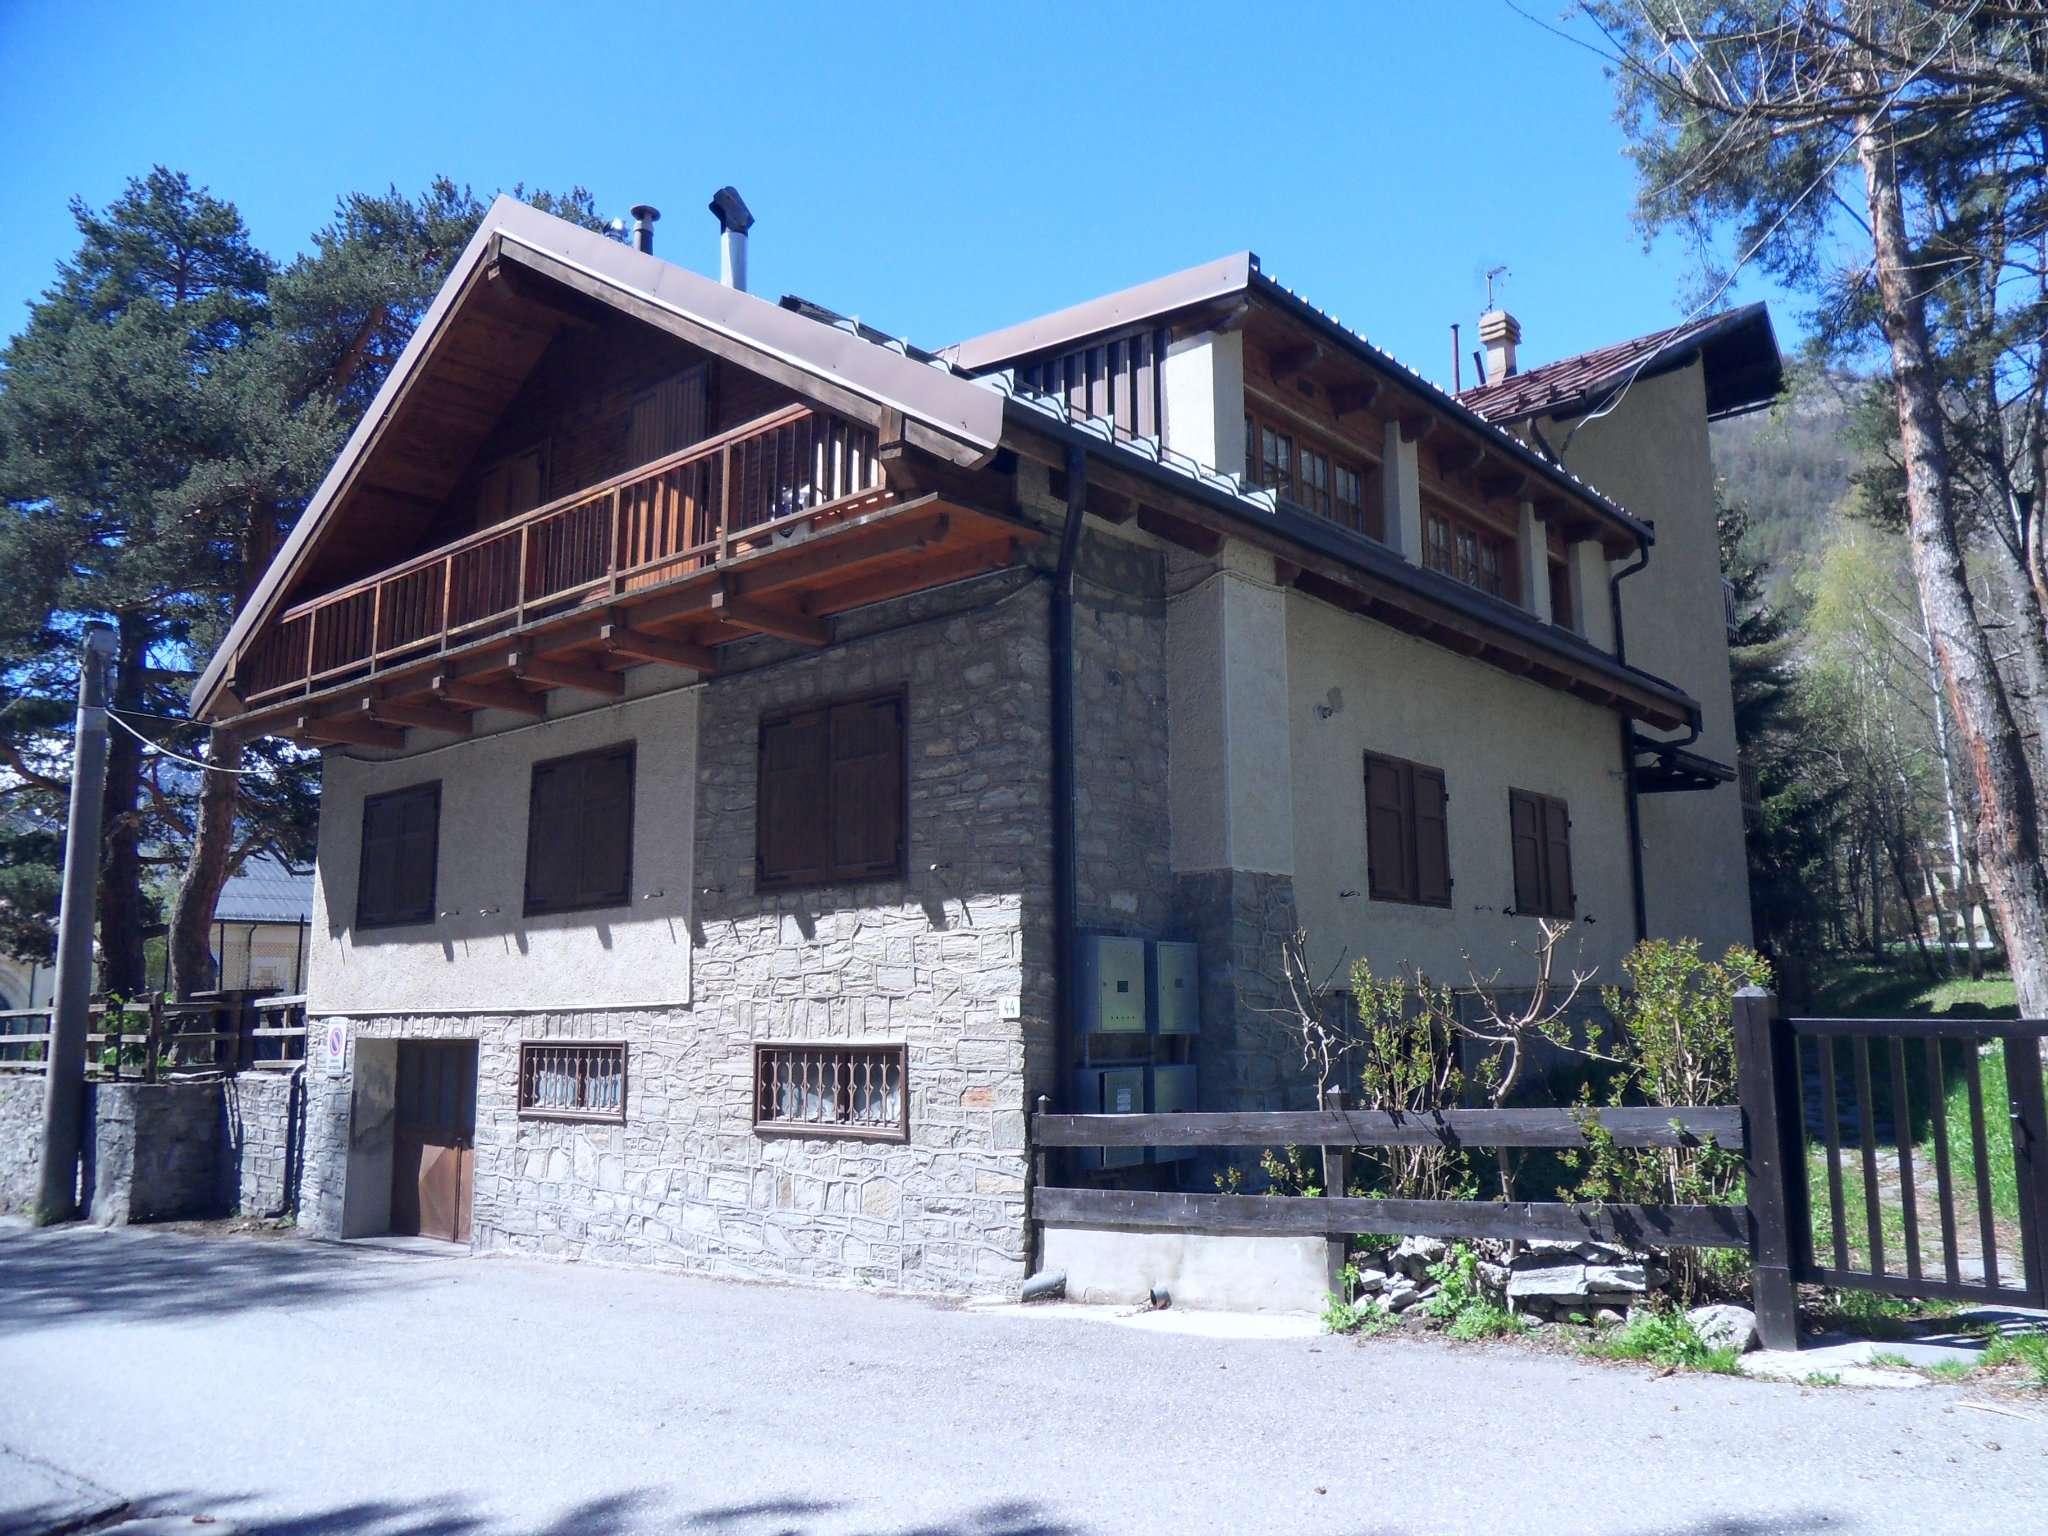 Attico / Mansarda in vendita a Bardonecchia, 2 locali, prezzo € 98.000   CambioCasa.it